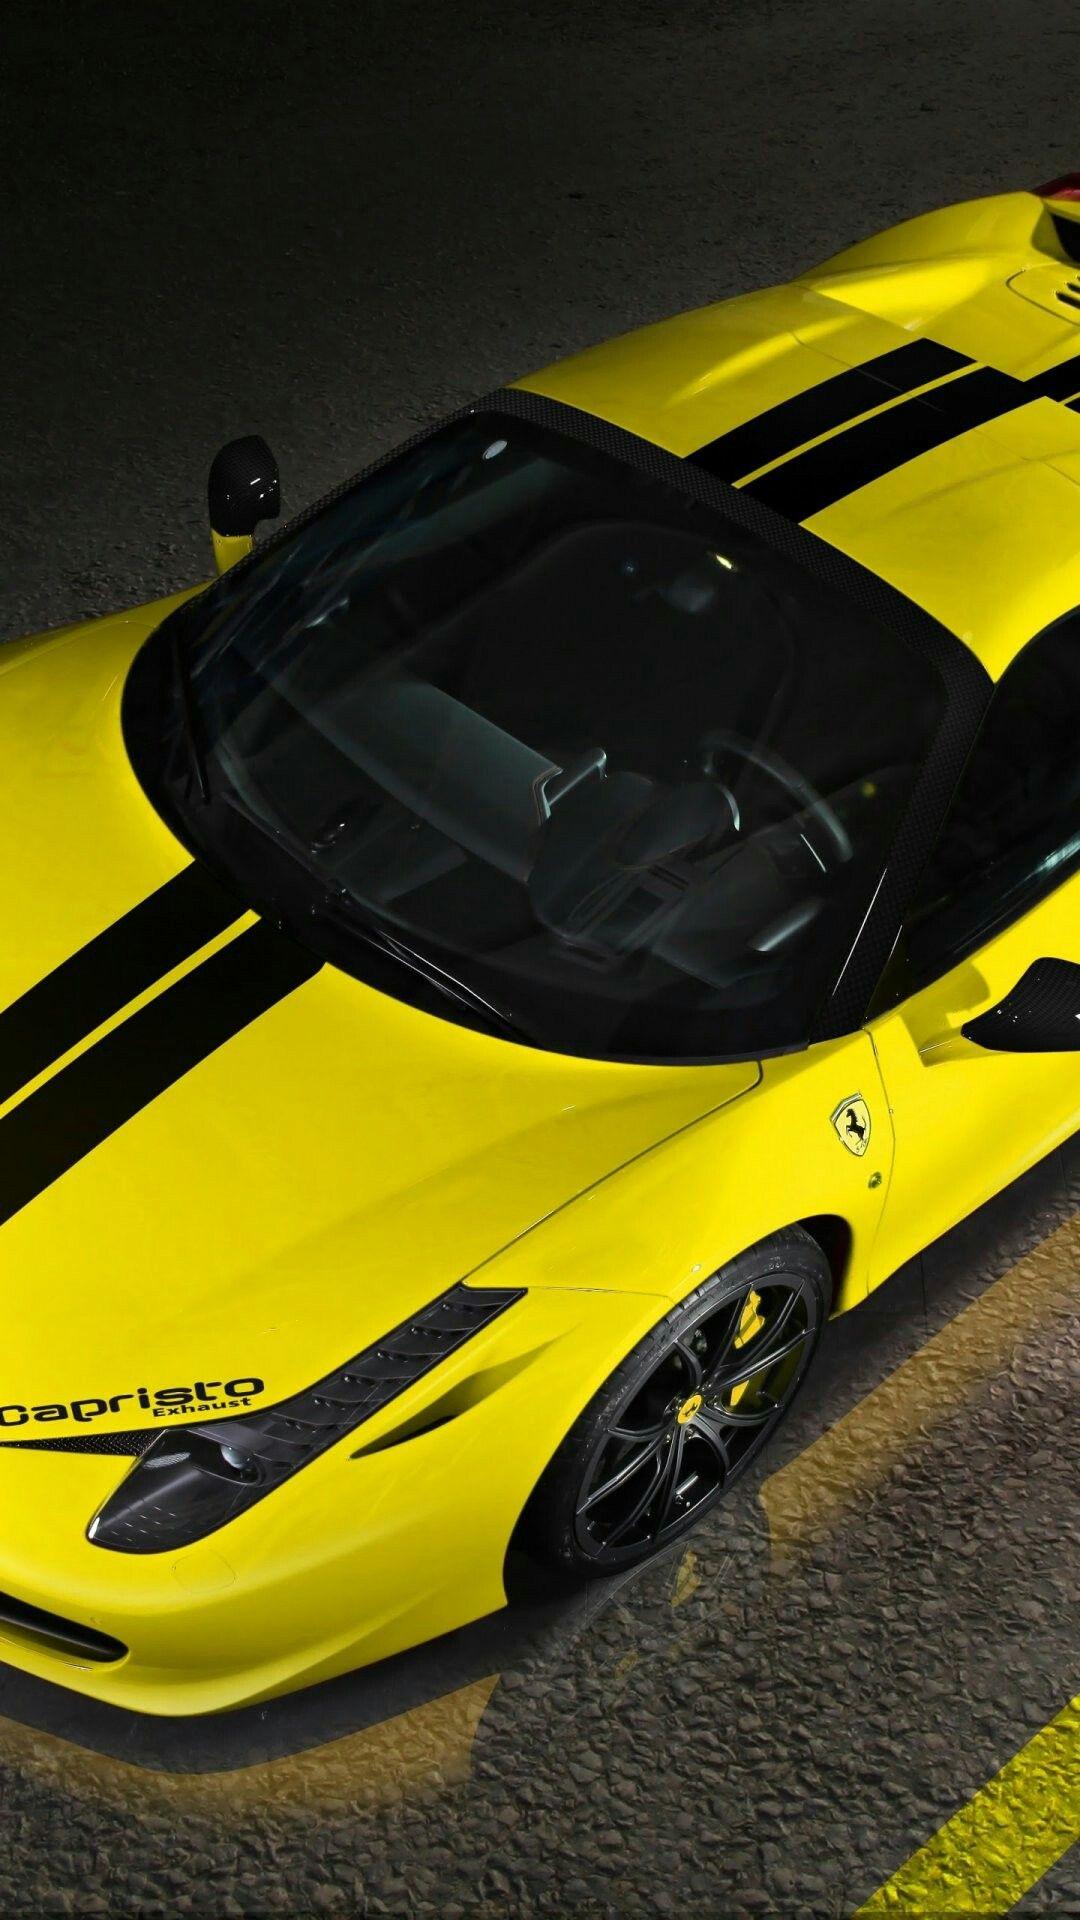 FERRARI Ferrari spider, Ferrari, Infinity wallpaper